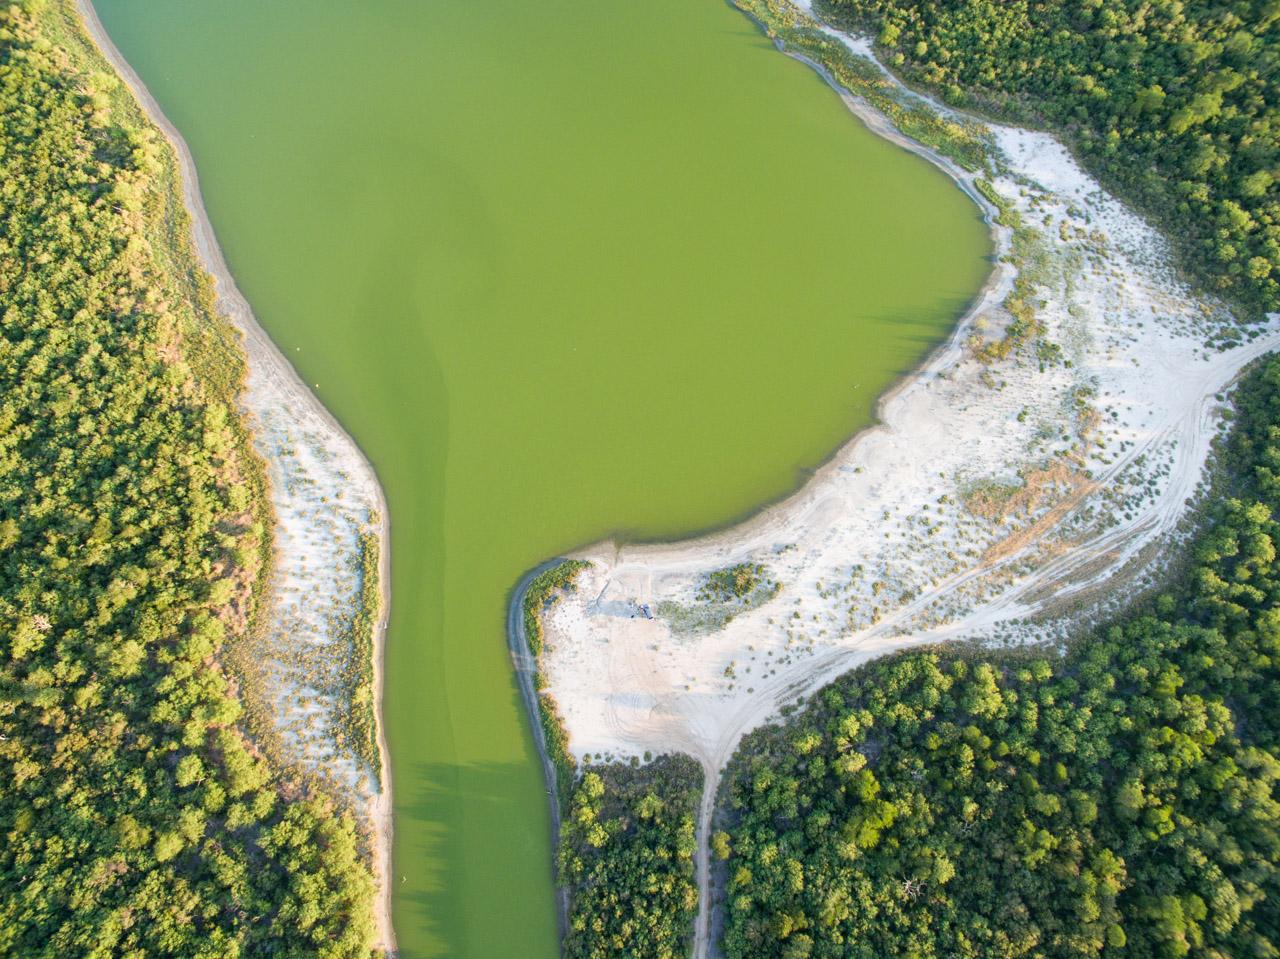 Una vista aérea de Laguna Campo María, una reserva de más de 4000 hectáreas que pertenece a la Cooperativa Chortitzer. (Tetsu Espósito).